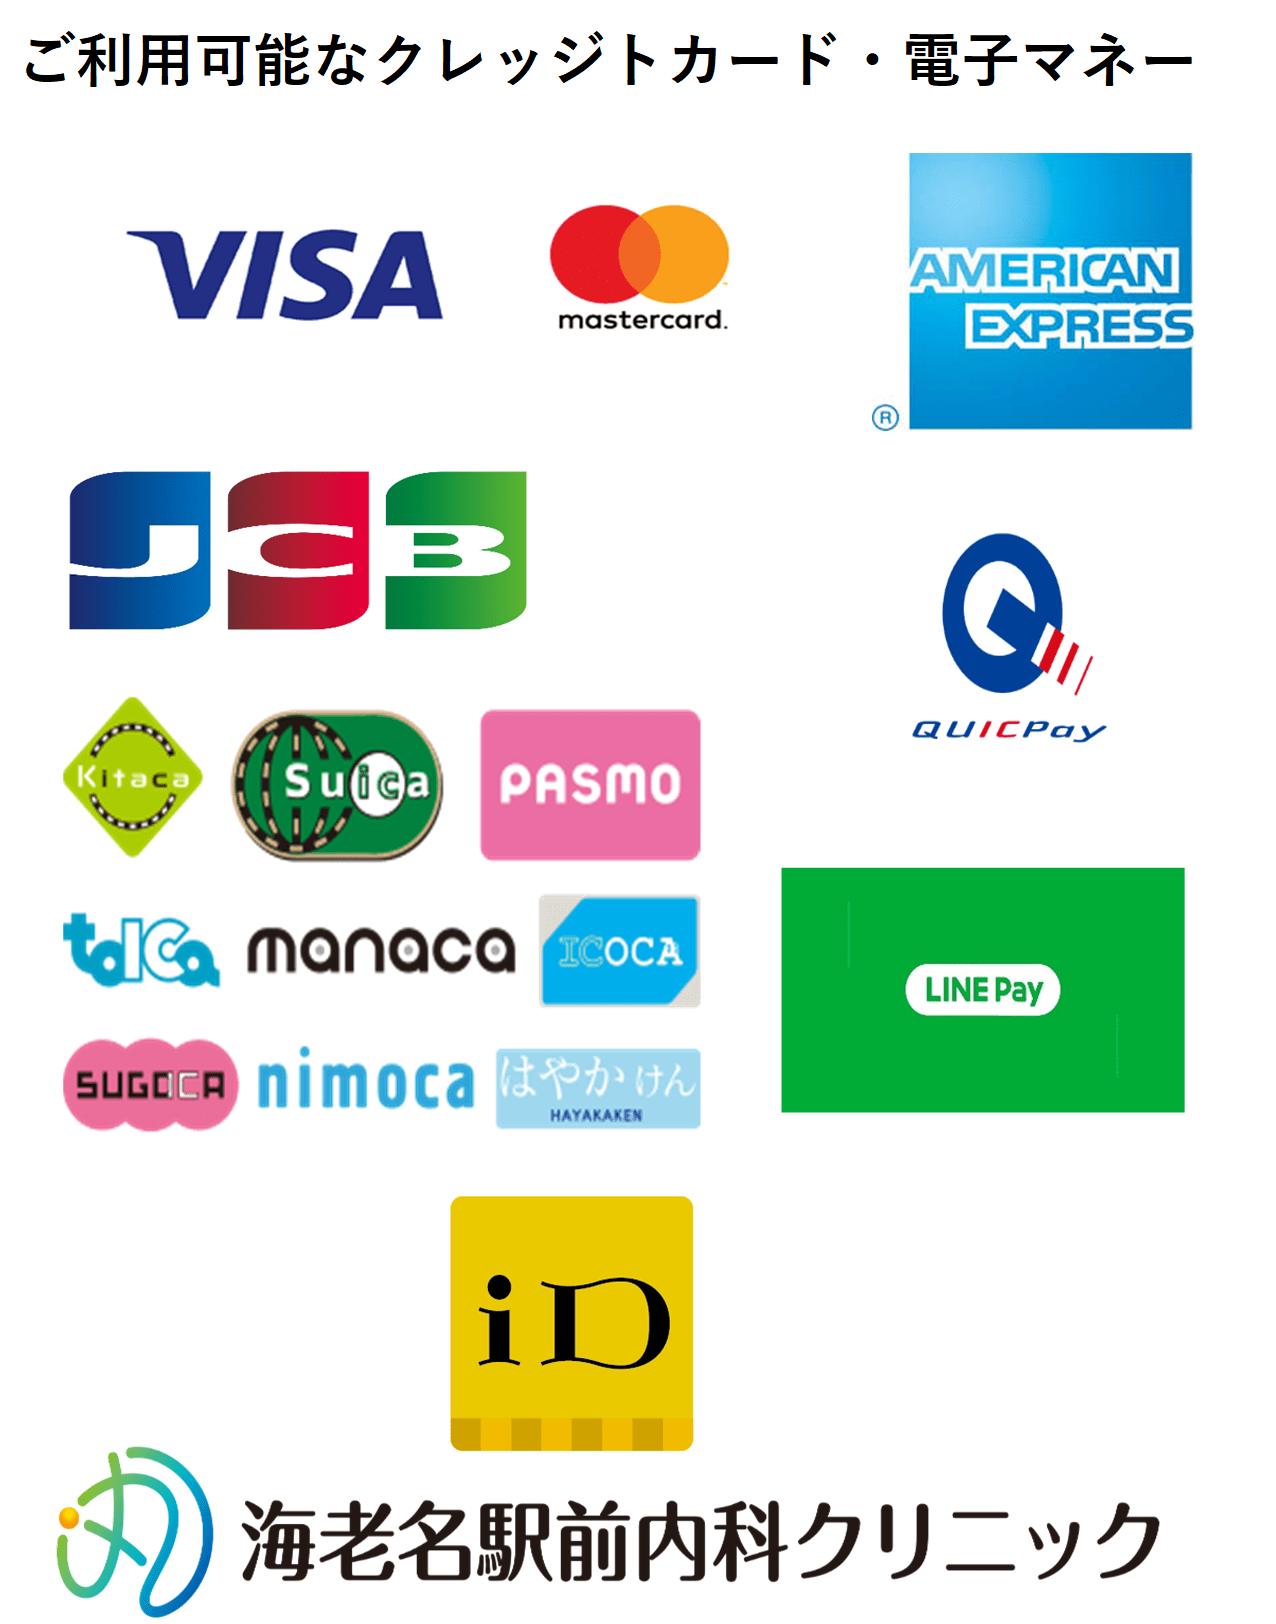 ご利用可能なクレジットカード・電子マネー